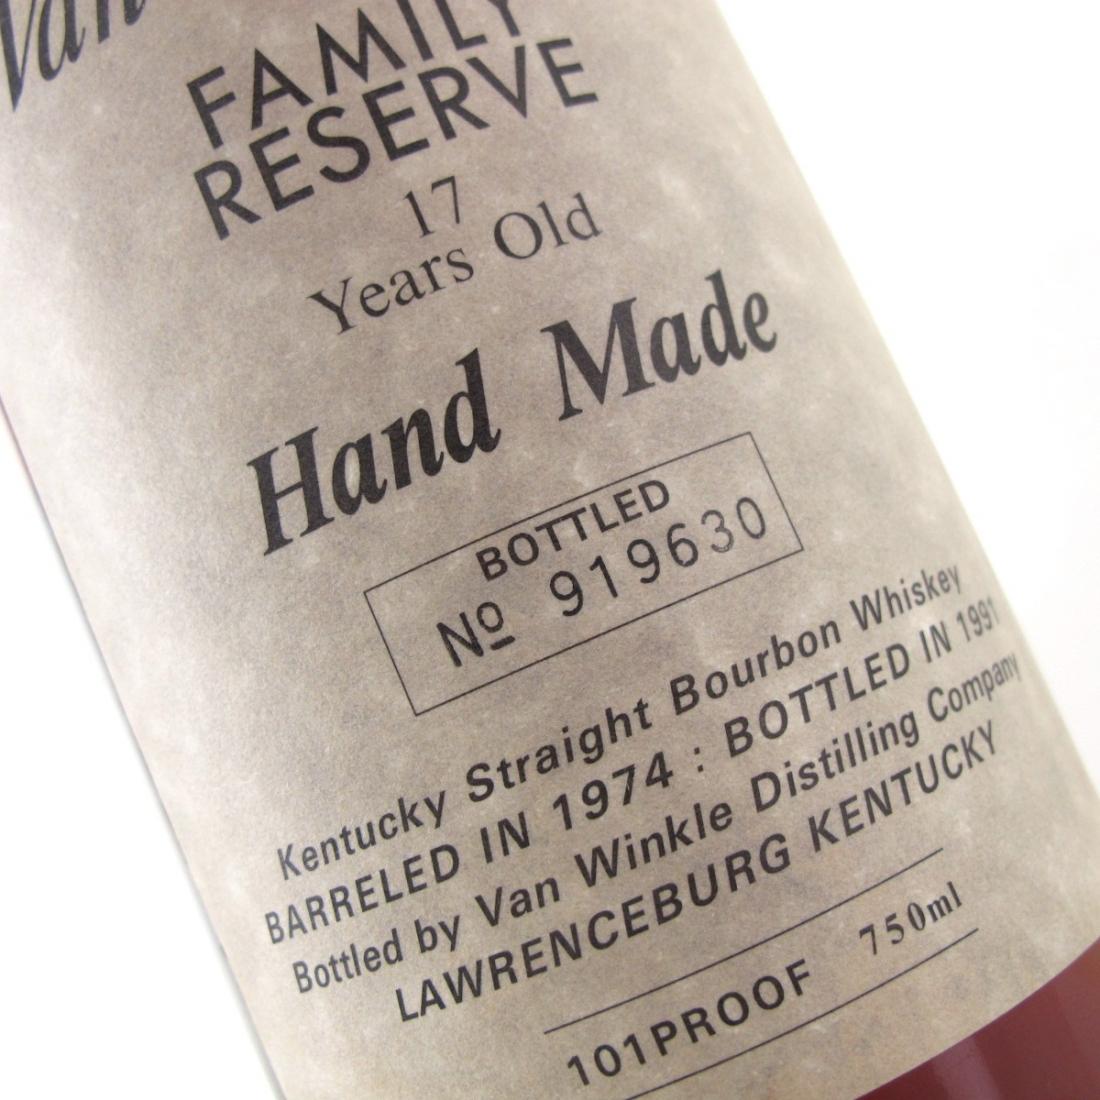 Van Winkle 1974 Family Reserve 17 Year Old